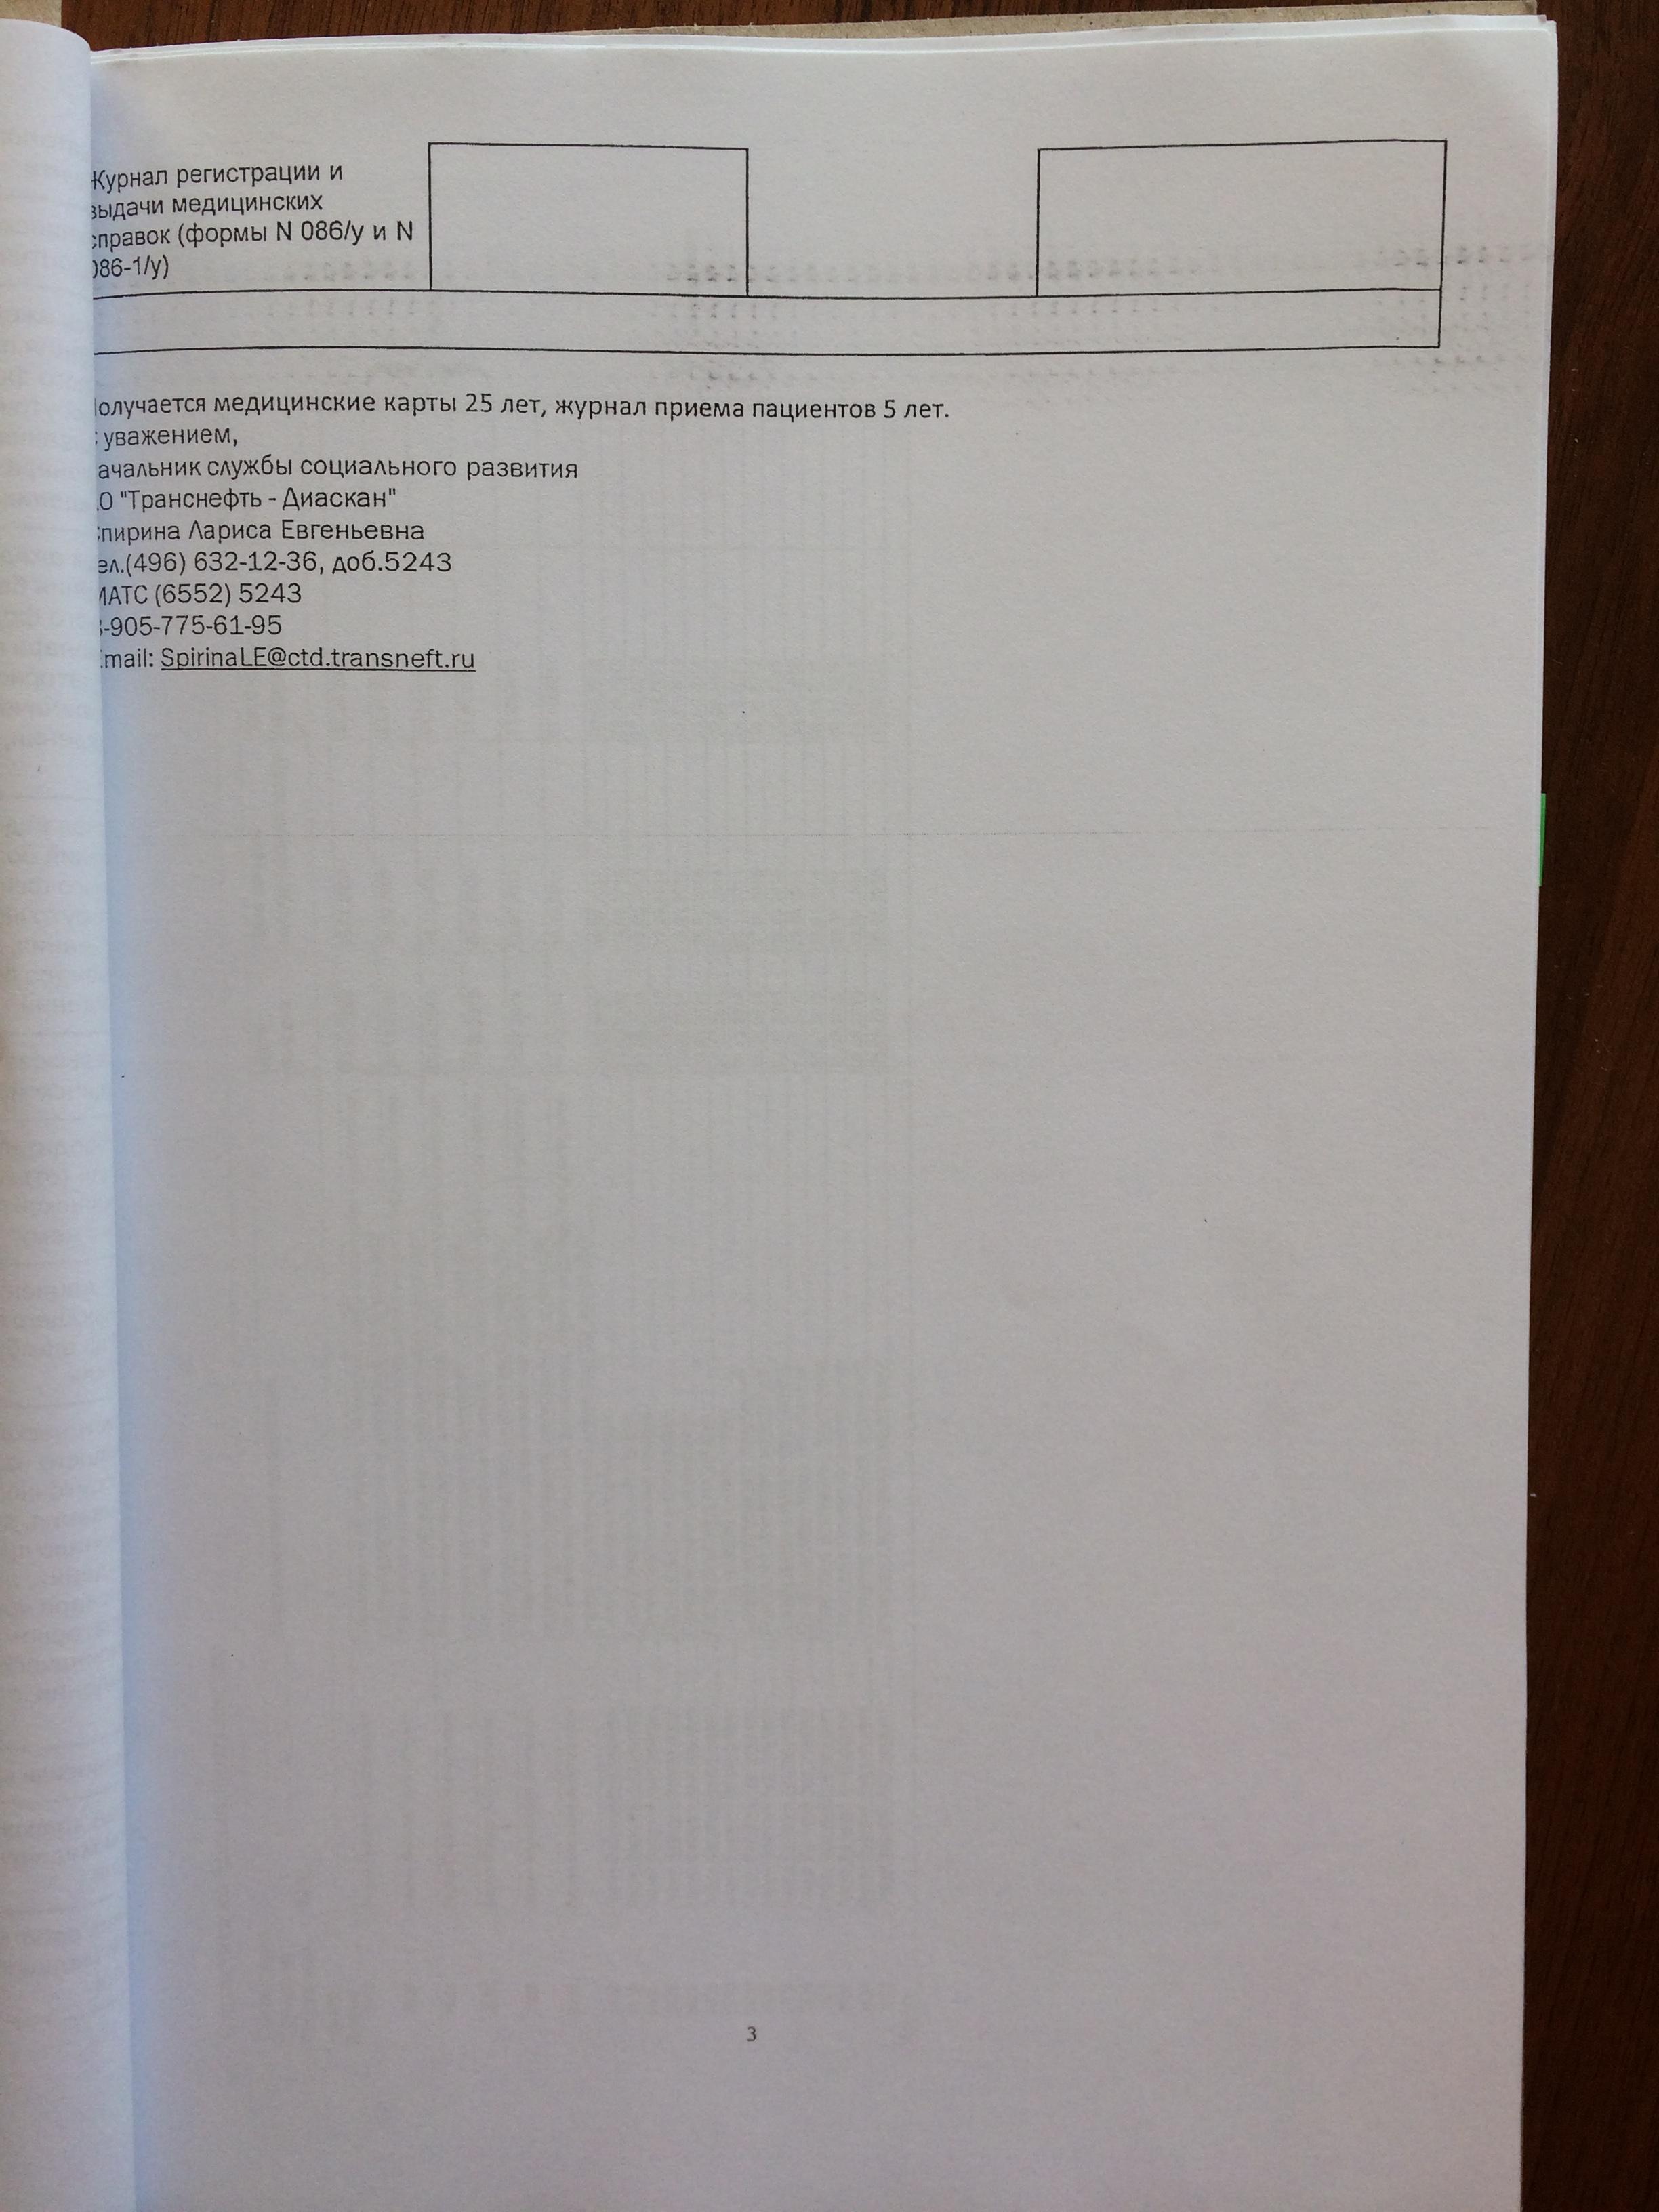 Фото документов проверки Луховицкой городской прокуратурой - 76 (5)